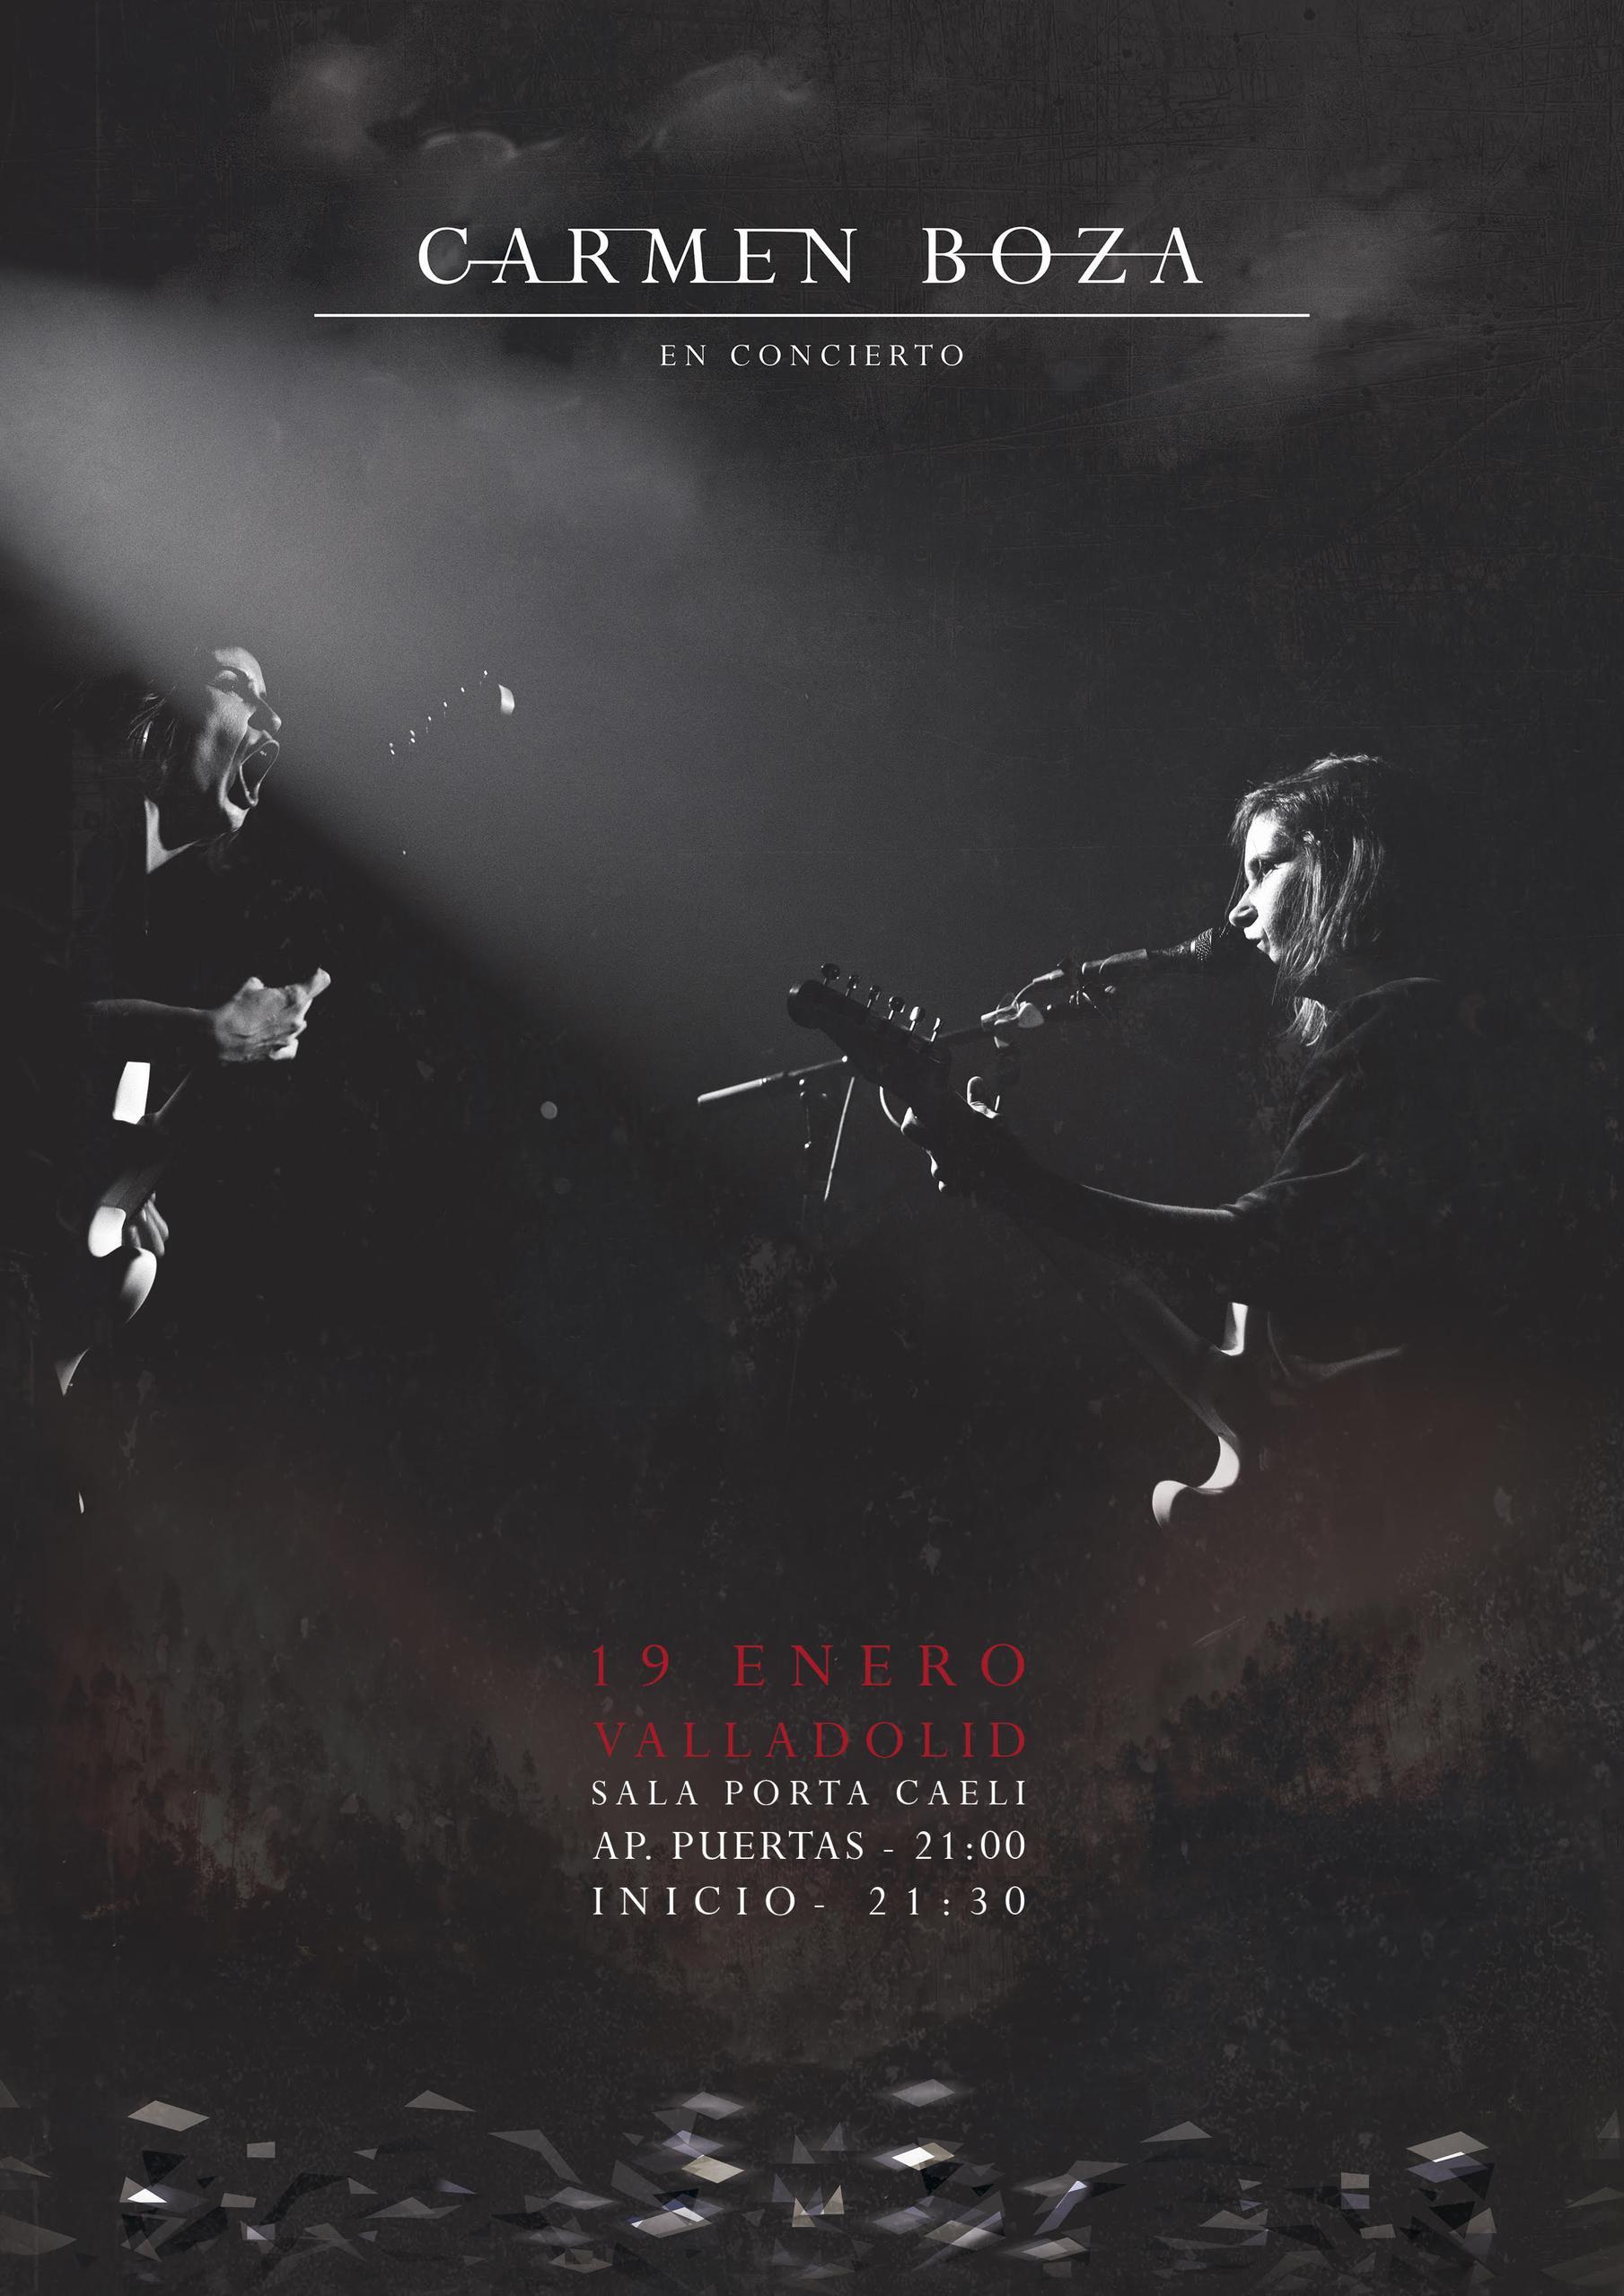 Concierto de Carmen Boza en Valladolid